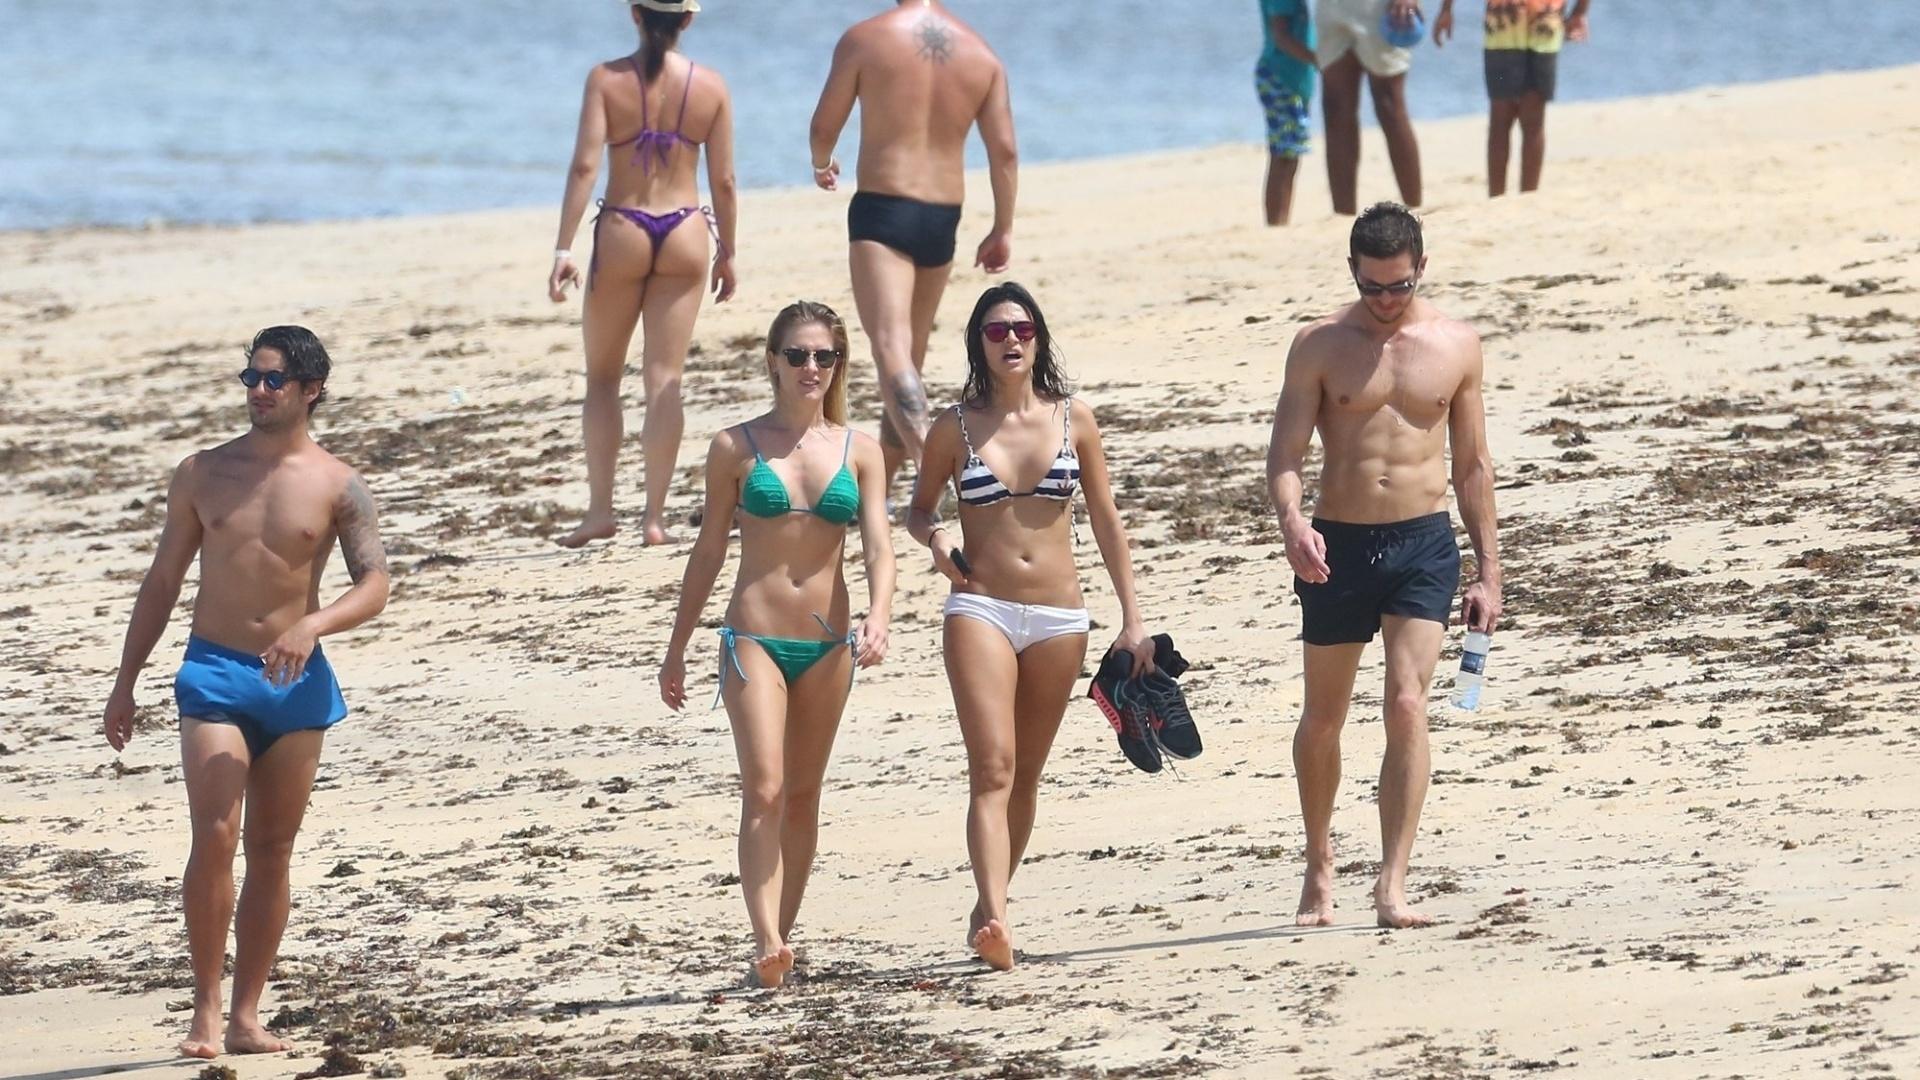 11.jan.2016 - Fiorella Mattheis e Thaila Ayala foram flagradas neste domingo (10) curtindo a praia dos coqueiros, em Trancoso, na Bahia. As duas foram acompanhadas dos namorados, que aproveitaram o bom tempo